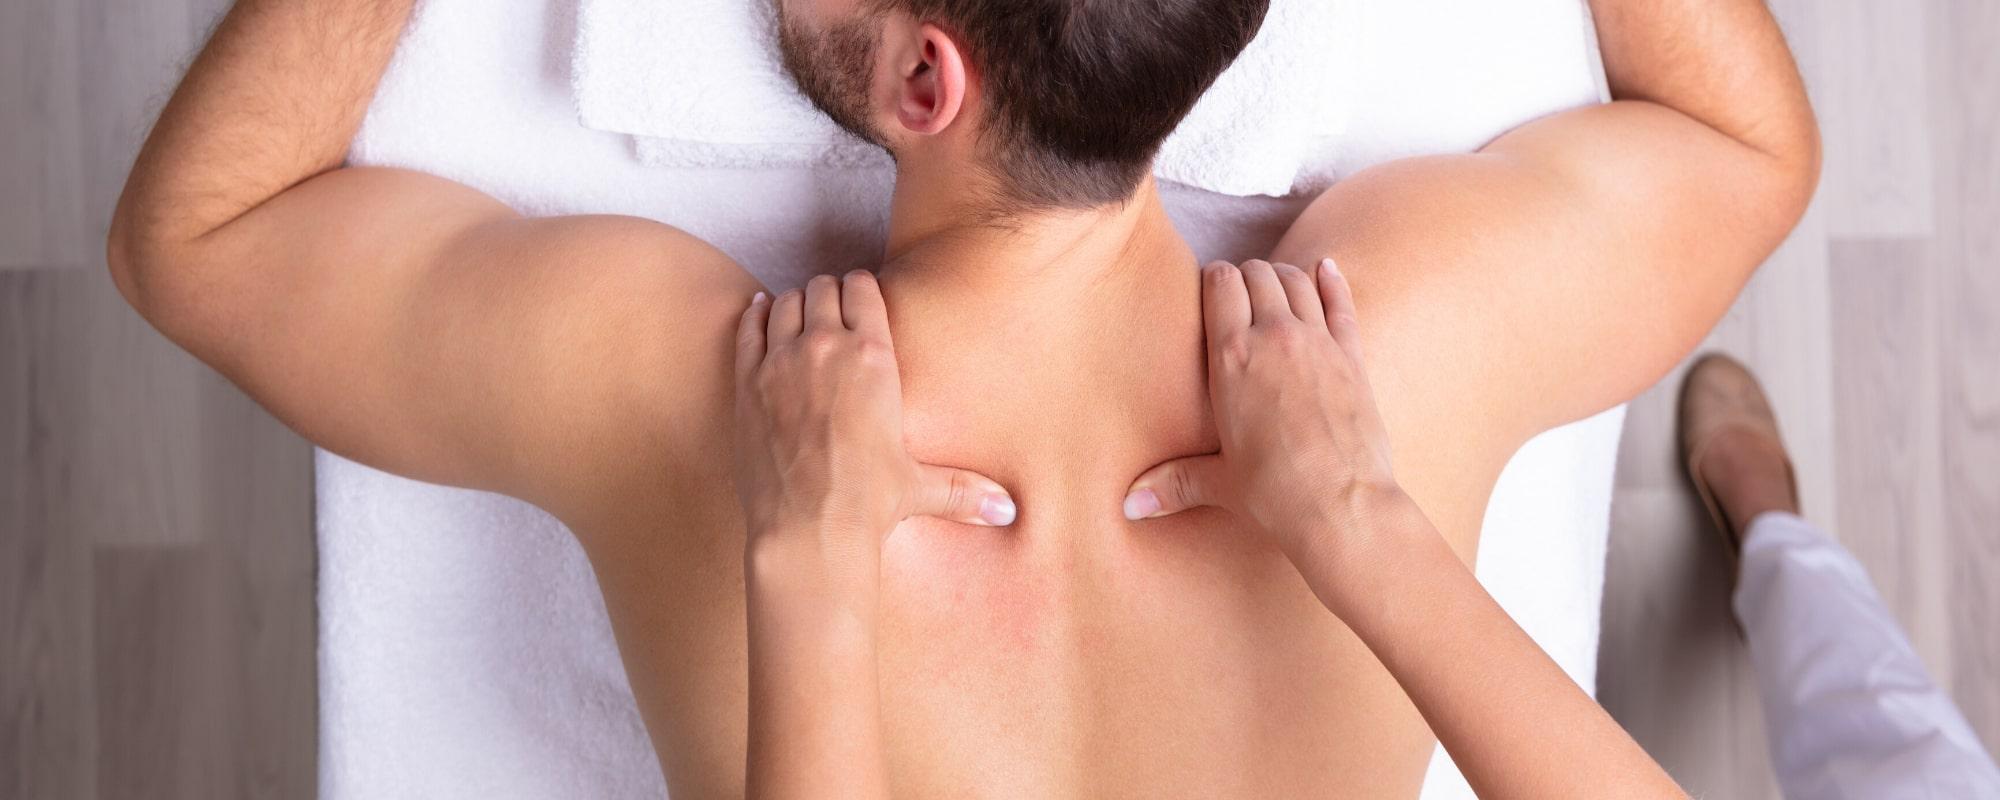 Deep Tissue Massage Course